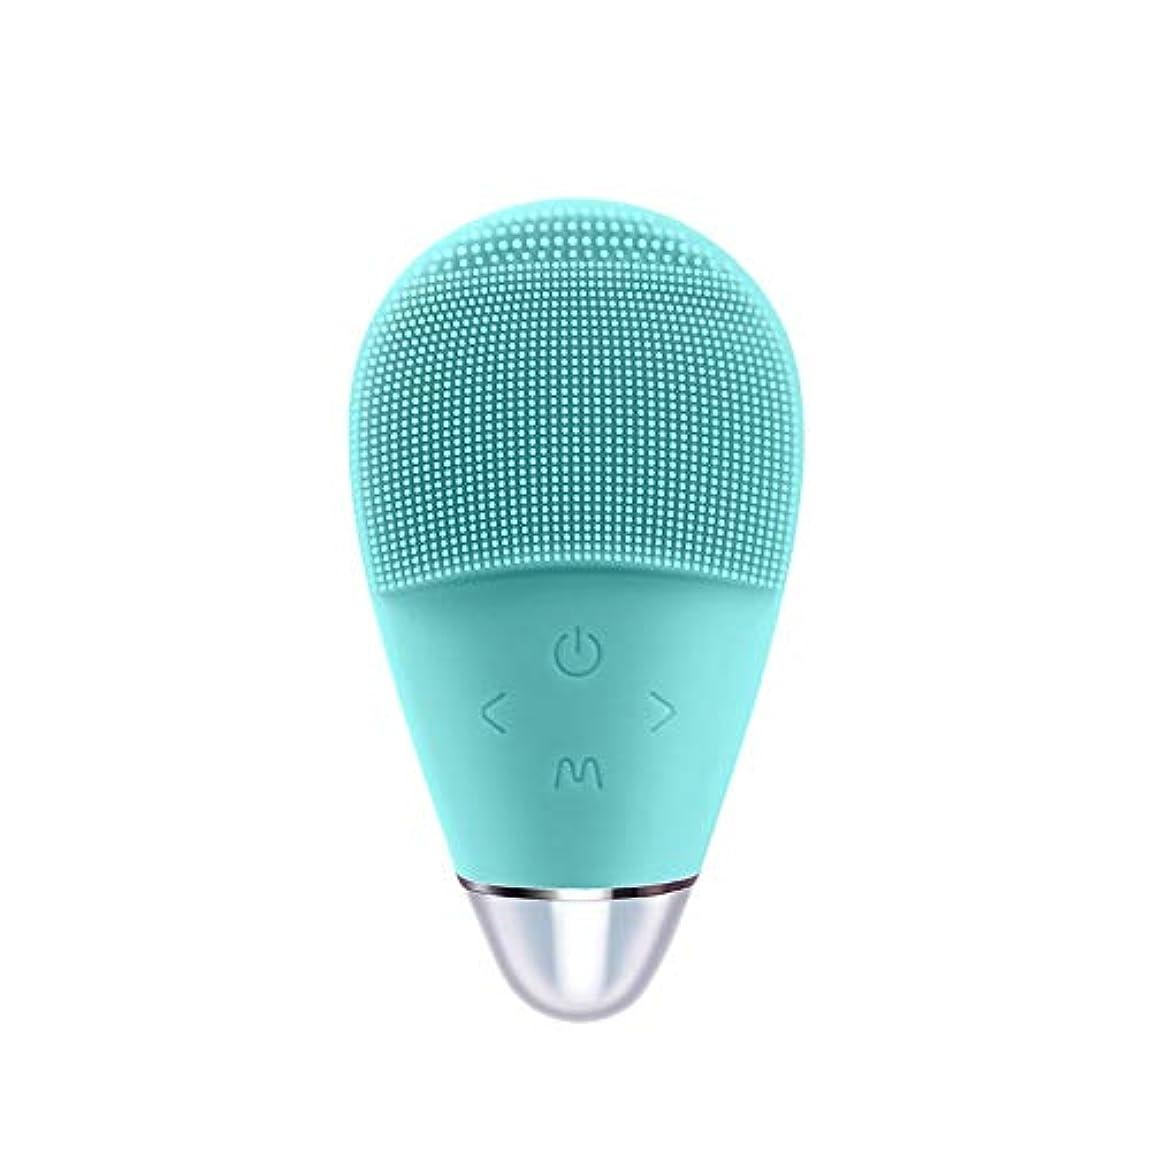 舗装するファンふくろうシリコーン洗浄器具電気洗濯機超音波美容器具顔の毛穴クリーナー (Color : Blue)